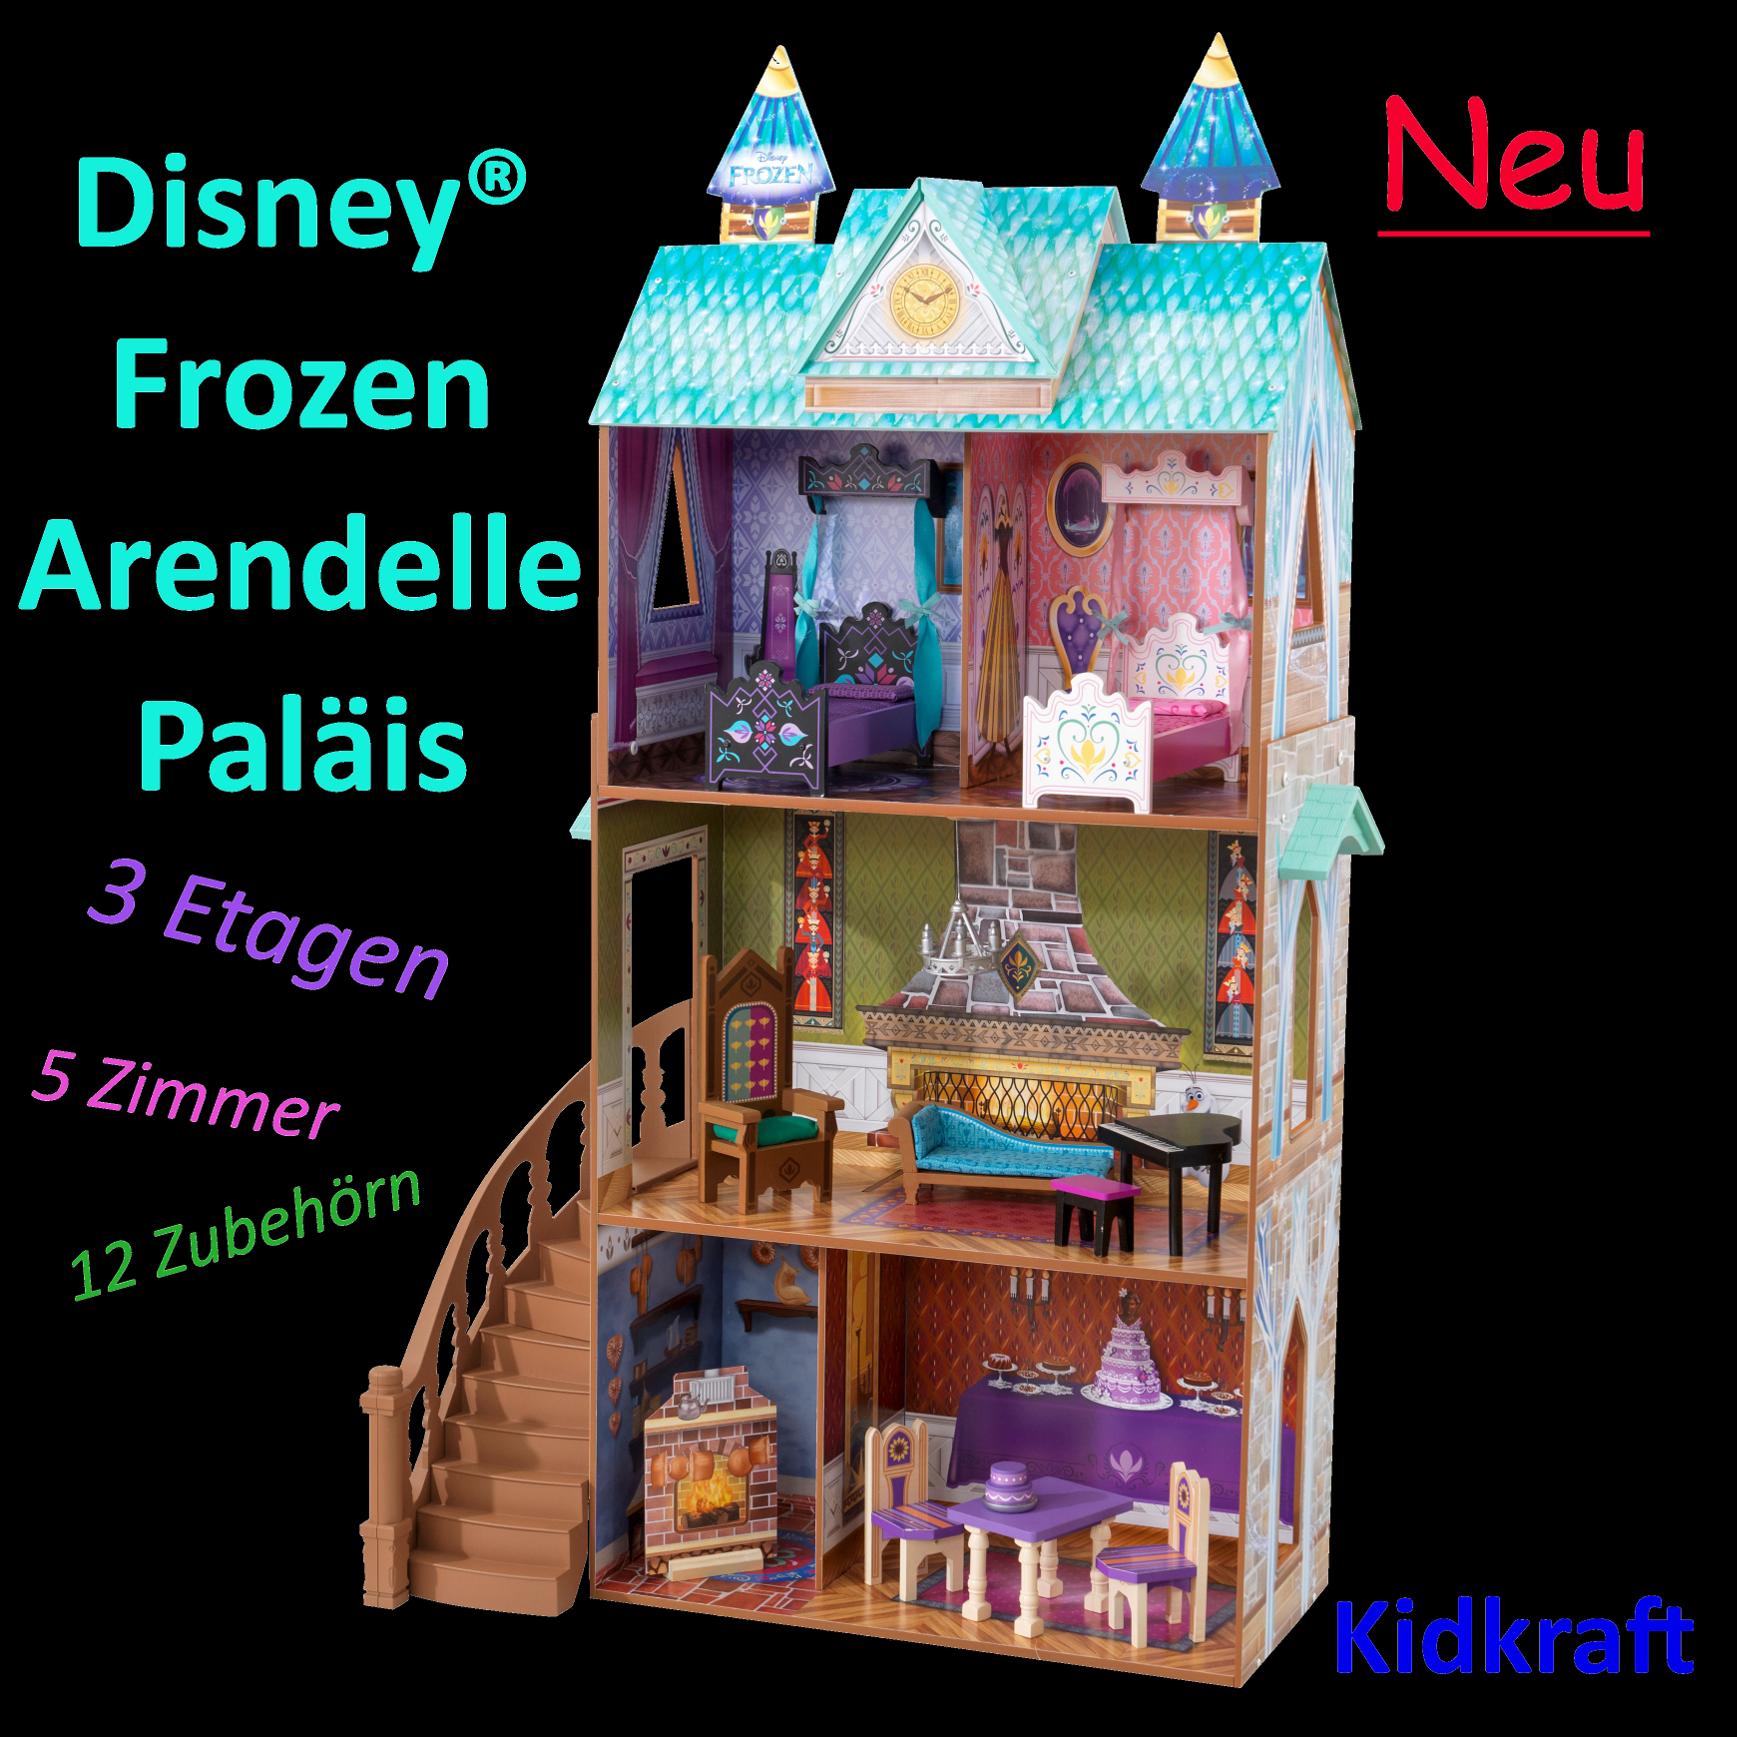 Disney® Frozen Arendelle Palace